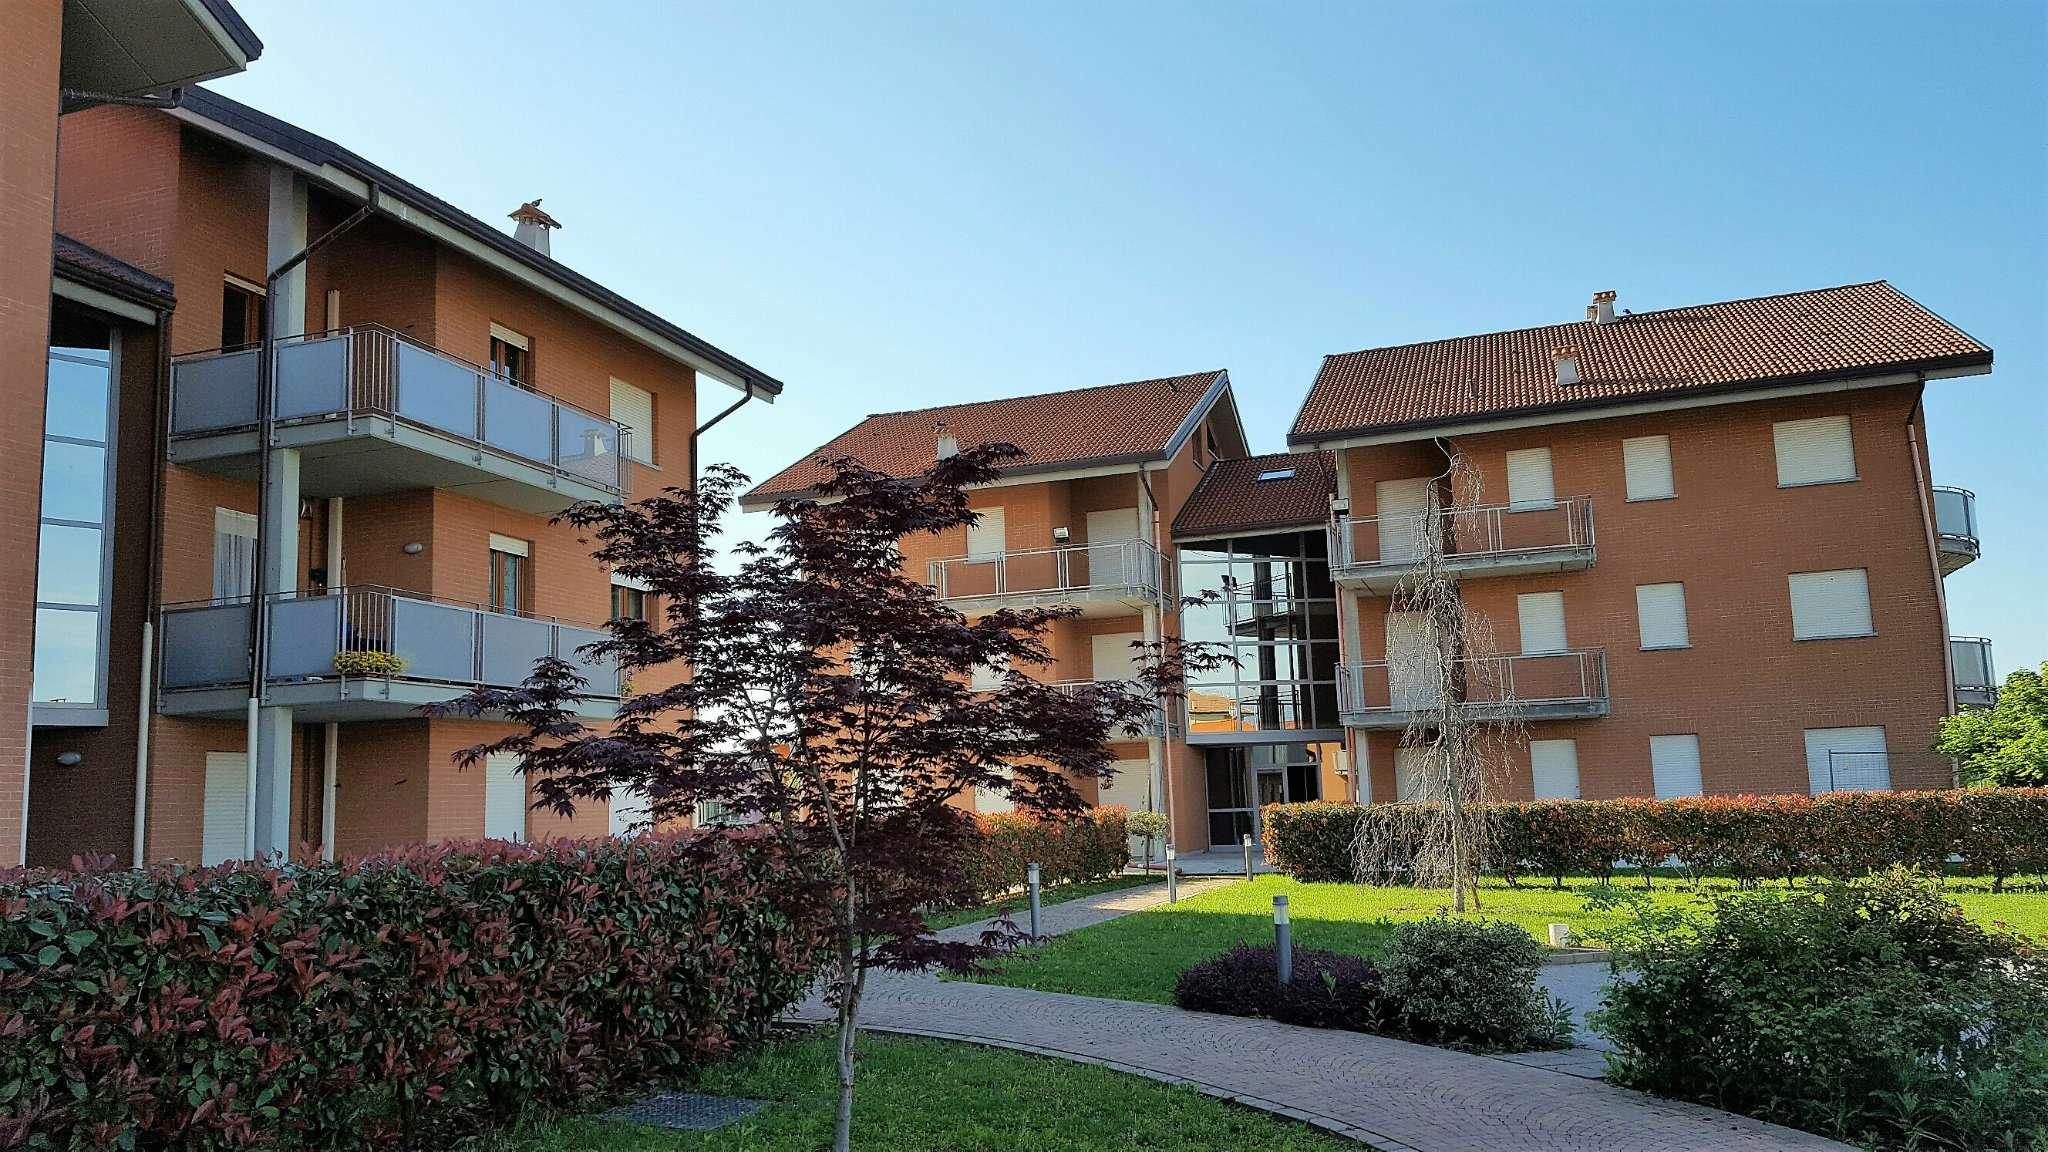 Appartamento in vendita a Rivarolo Canavese, 2 locali, prezzo € 117.000 | Cambio Casa.it